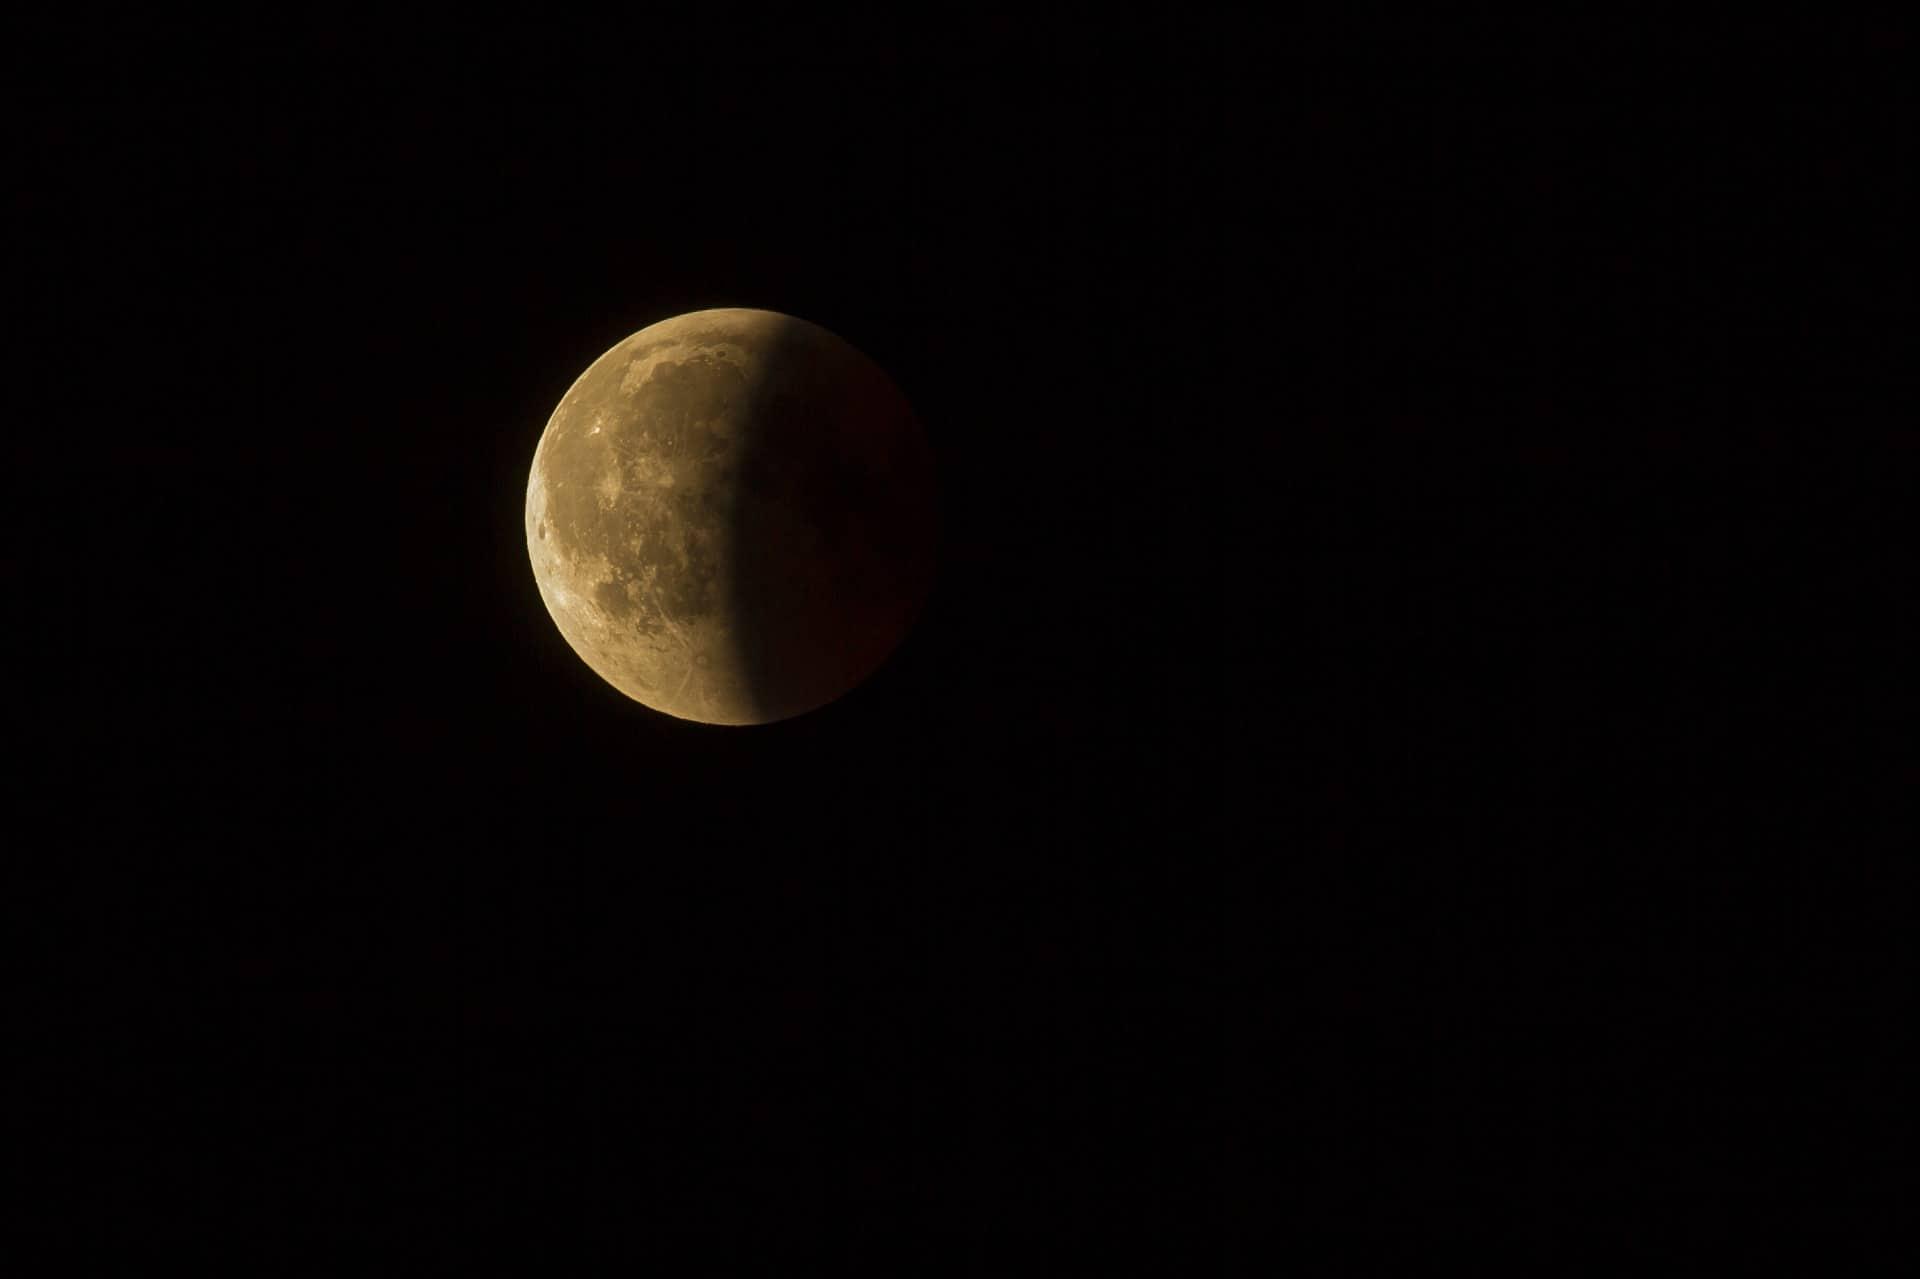 Razina radijacije na Mjesecu iznimno je visoka